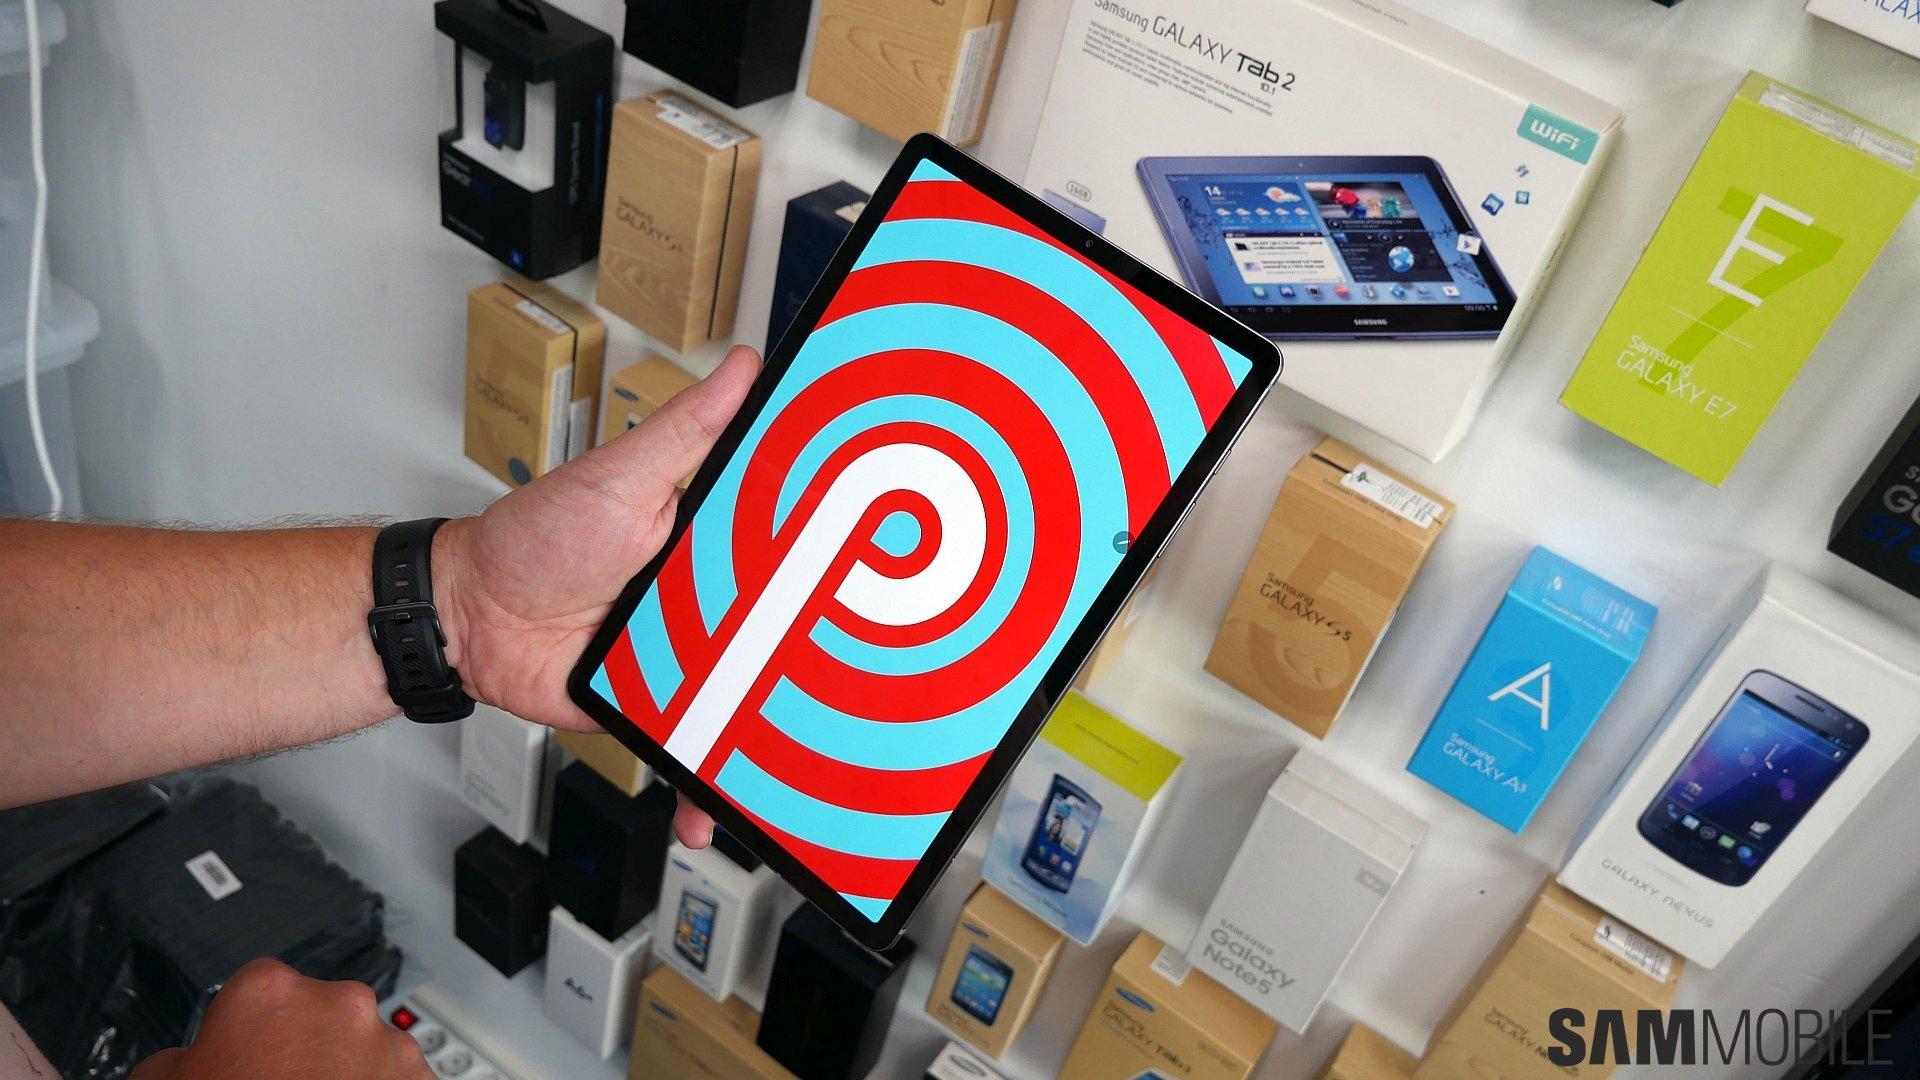 Samsung Galaxy Đánh giá Tab S6: máy tính bảng Android tốt nhất năm 2019 8